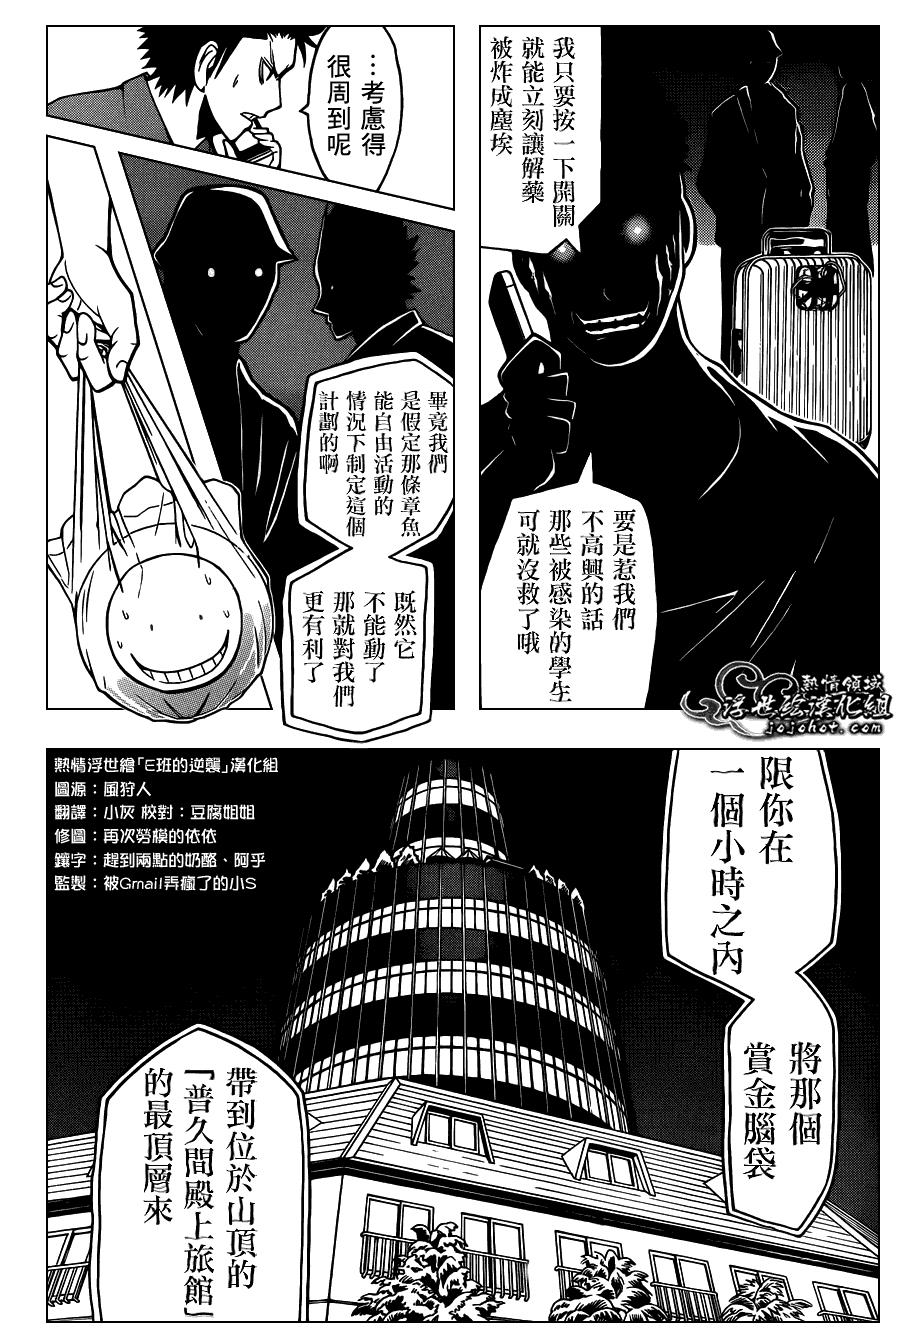 暗殺教室: 61話 - 第2页